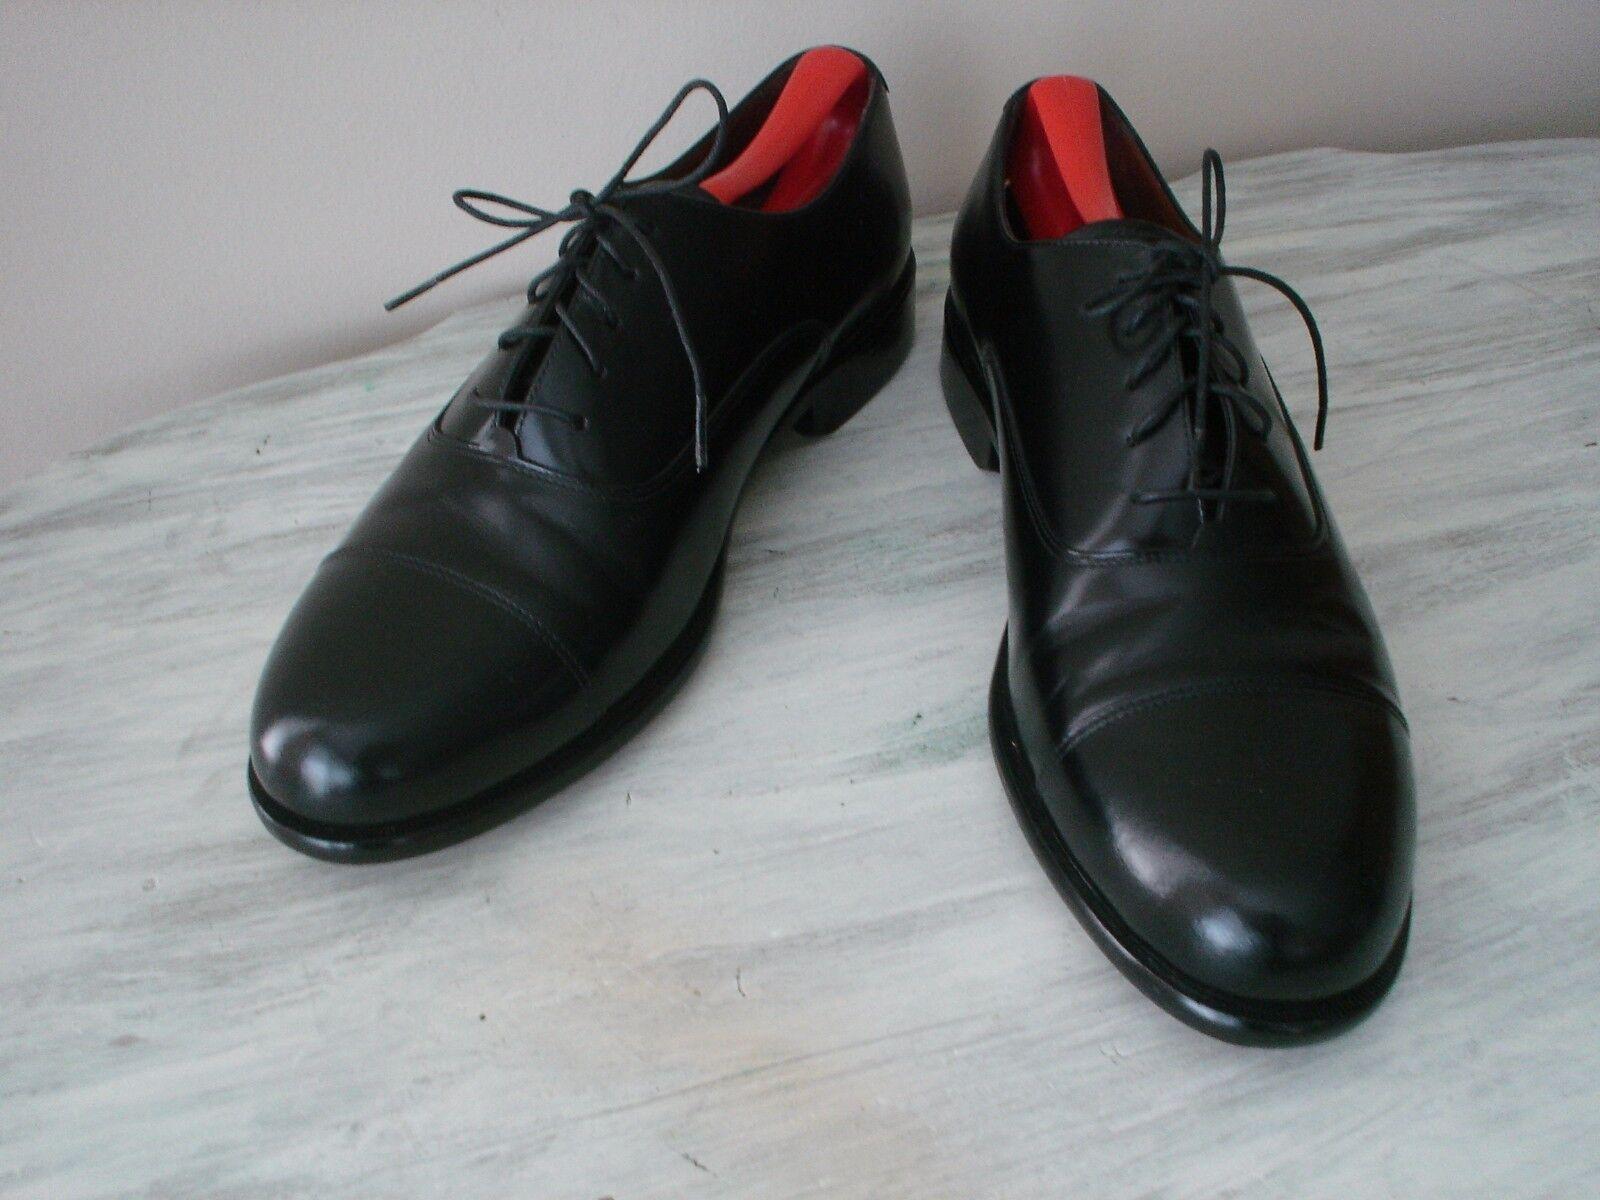 Bostonian Classics Homme en Cuir Noir Cap Toe Lace Up chaussures US 10 1 2 M excellent état utilisé